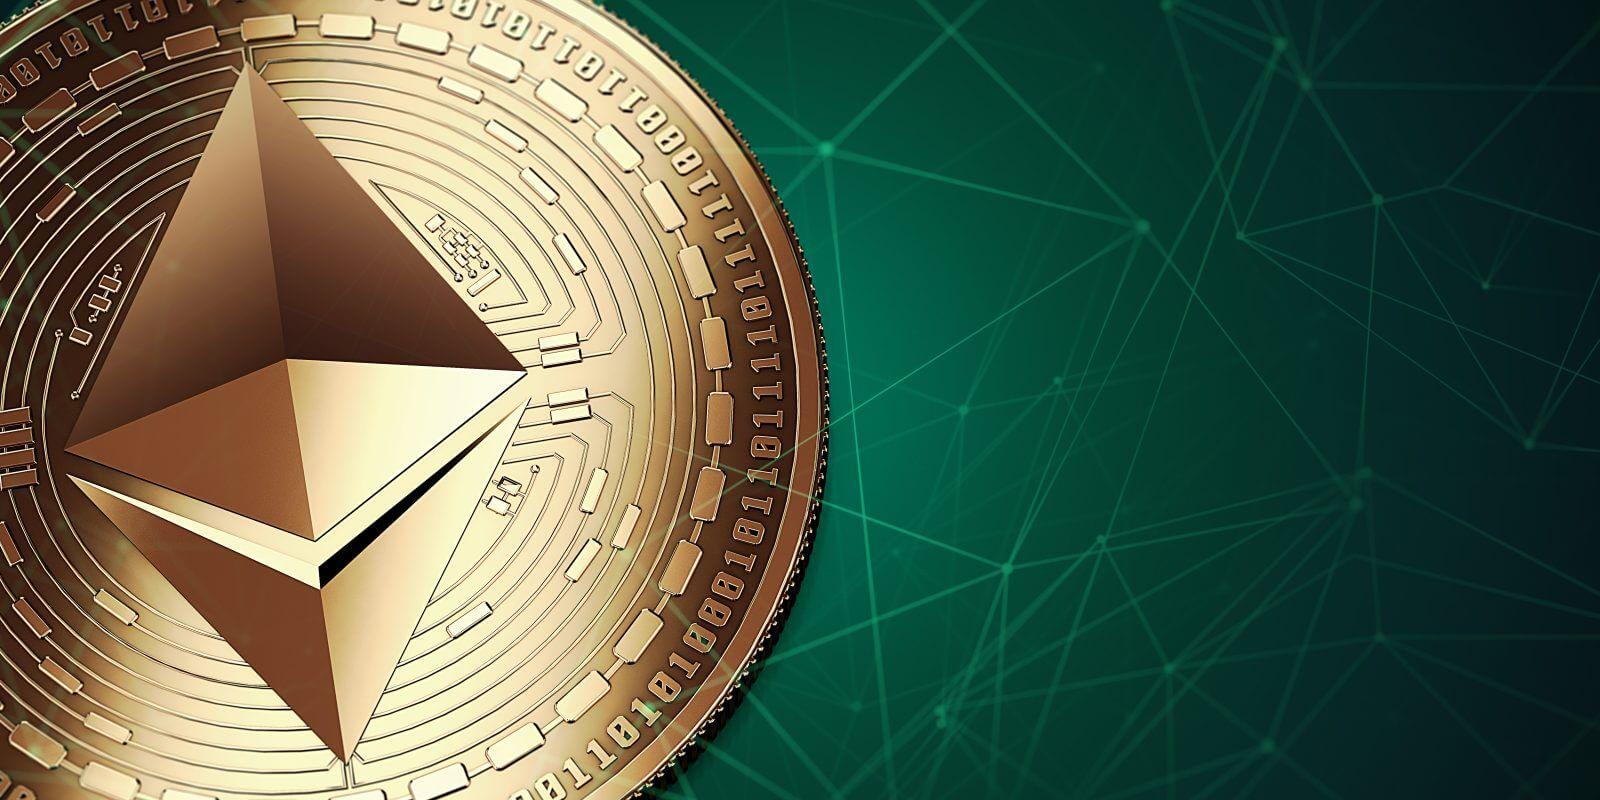 Ethereum: seuls 10% des frais de transaction sont utilisés pour échanger de l'ETH